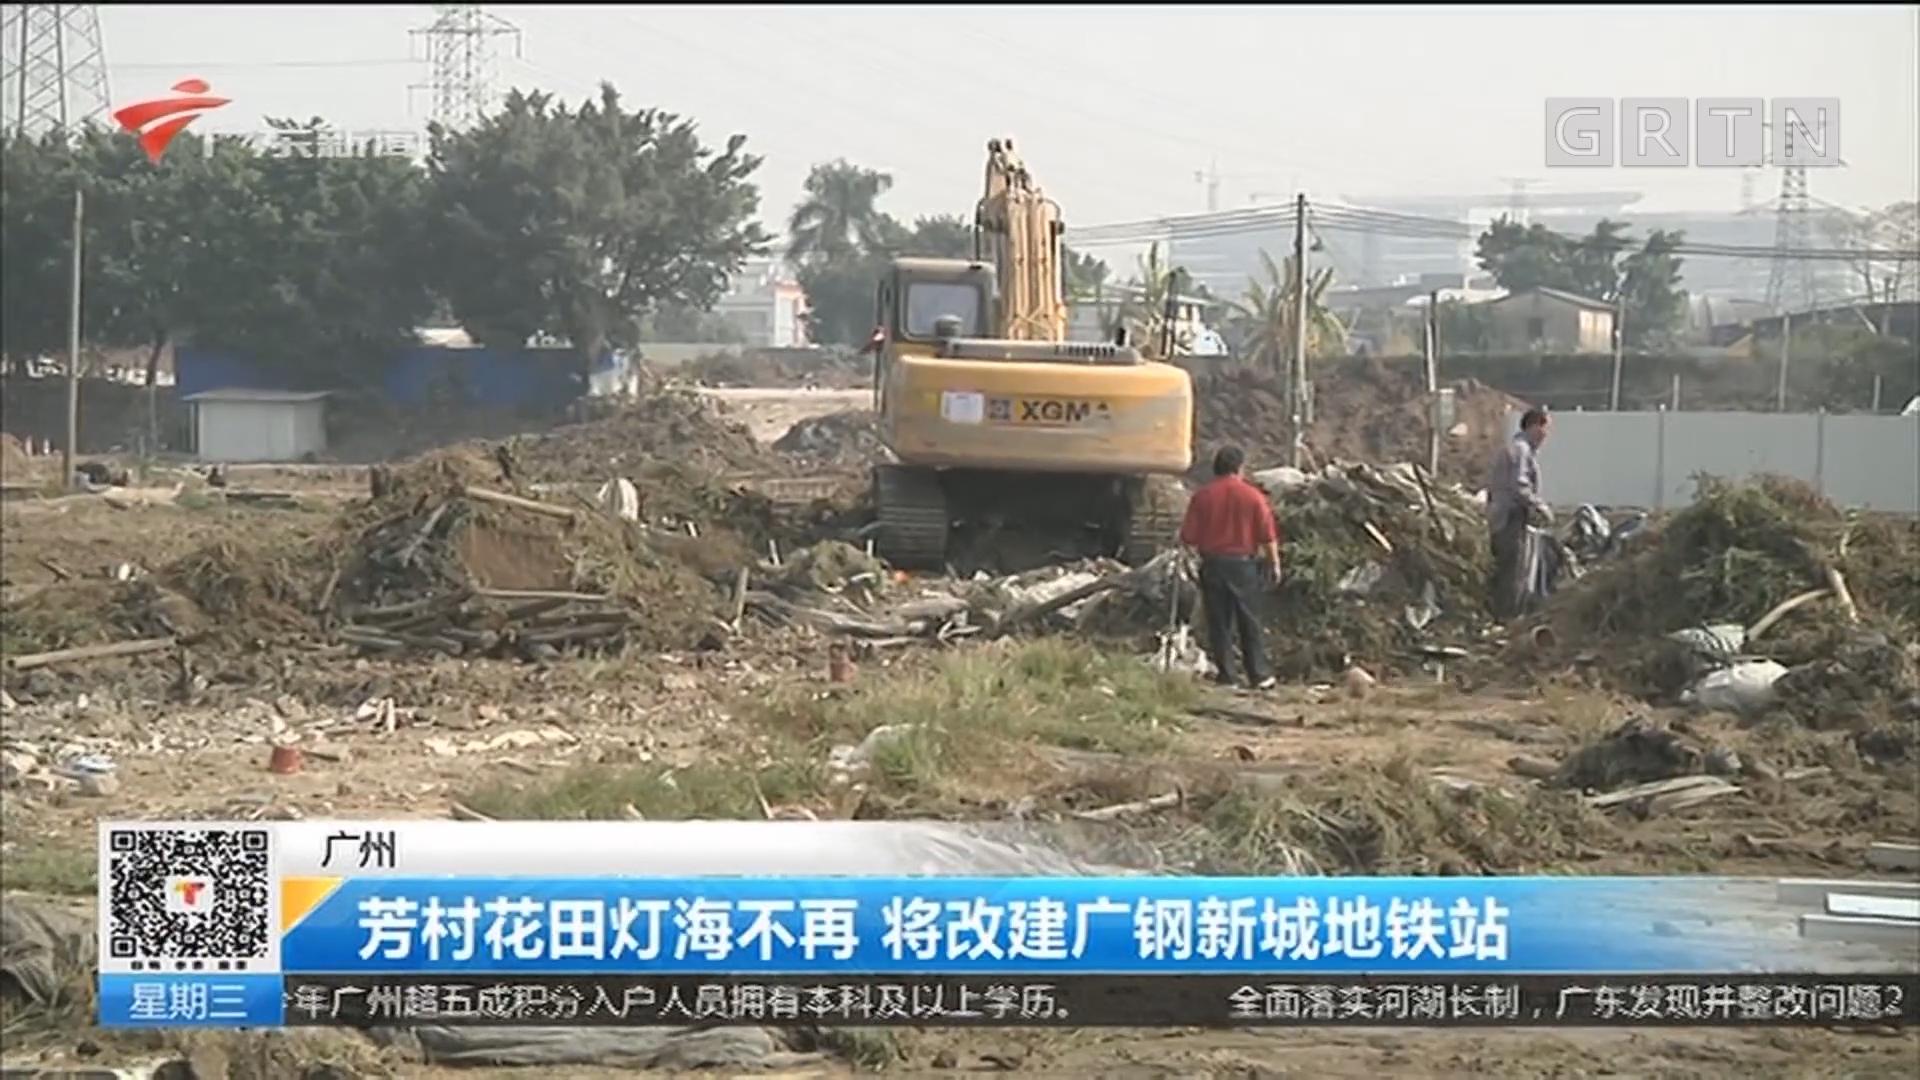 广州 芳村花田灯海不再 将改建广钢新城地铁站